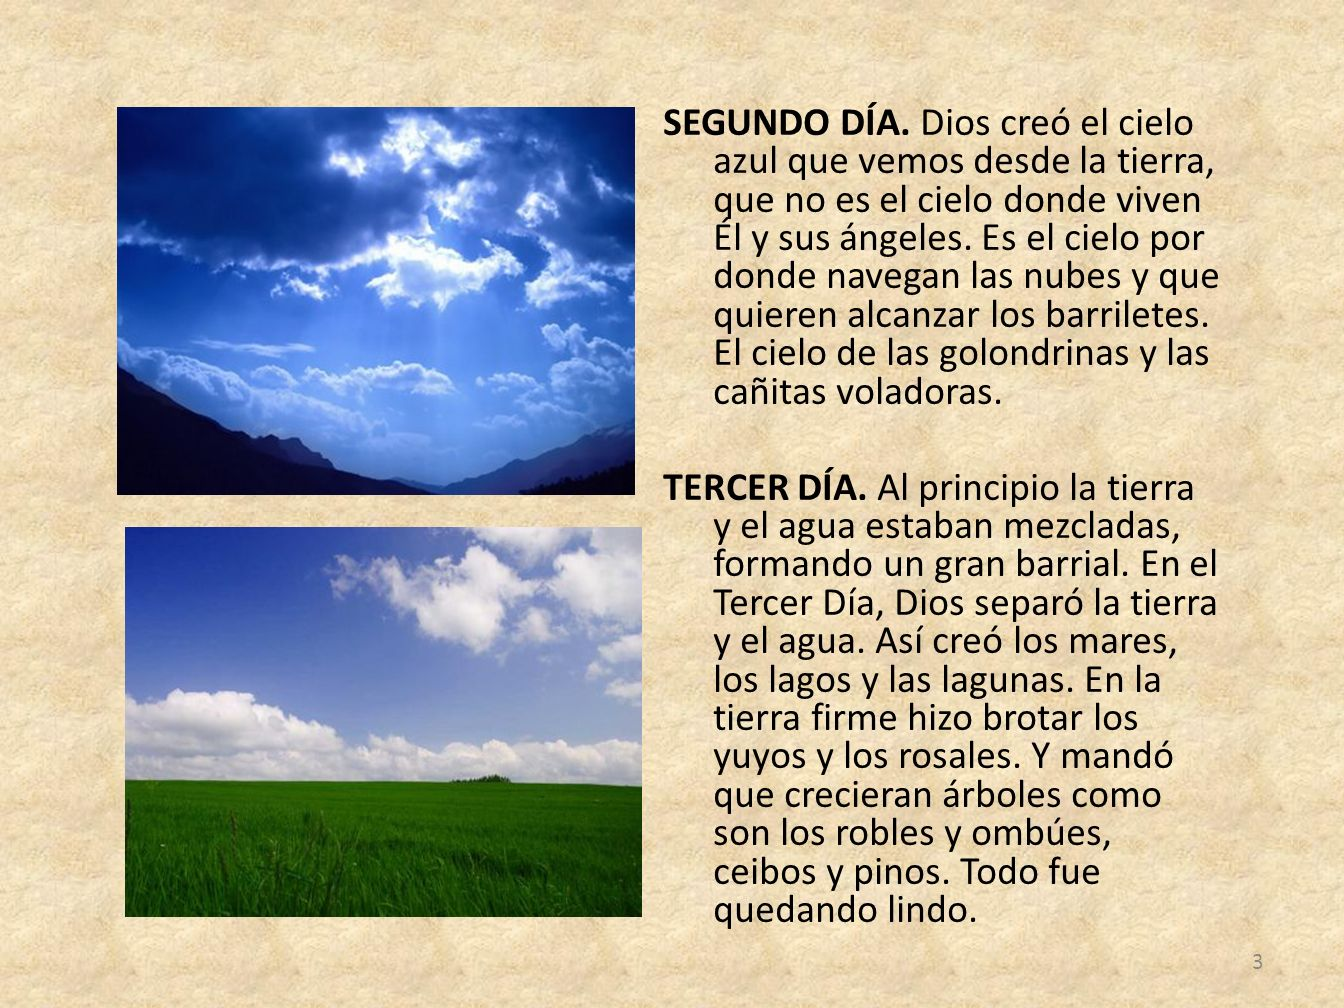 CUARTO DÍA.El cuarto día Dios creó el sol, la luna y las estrellas.